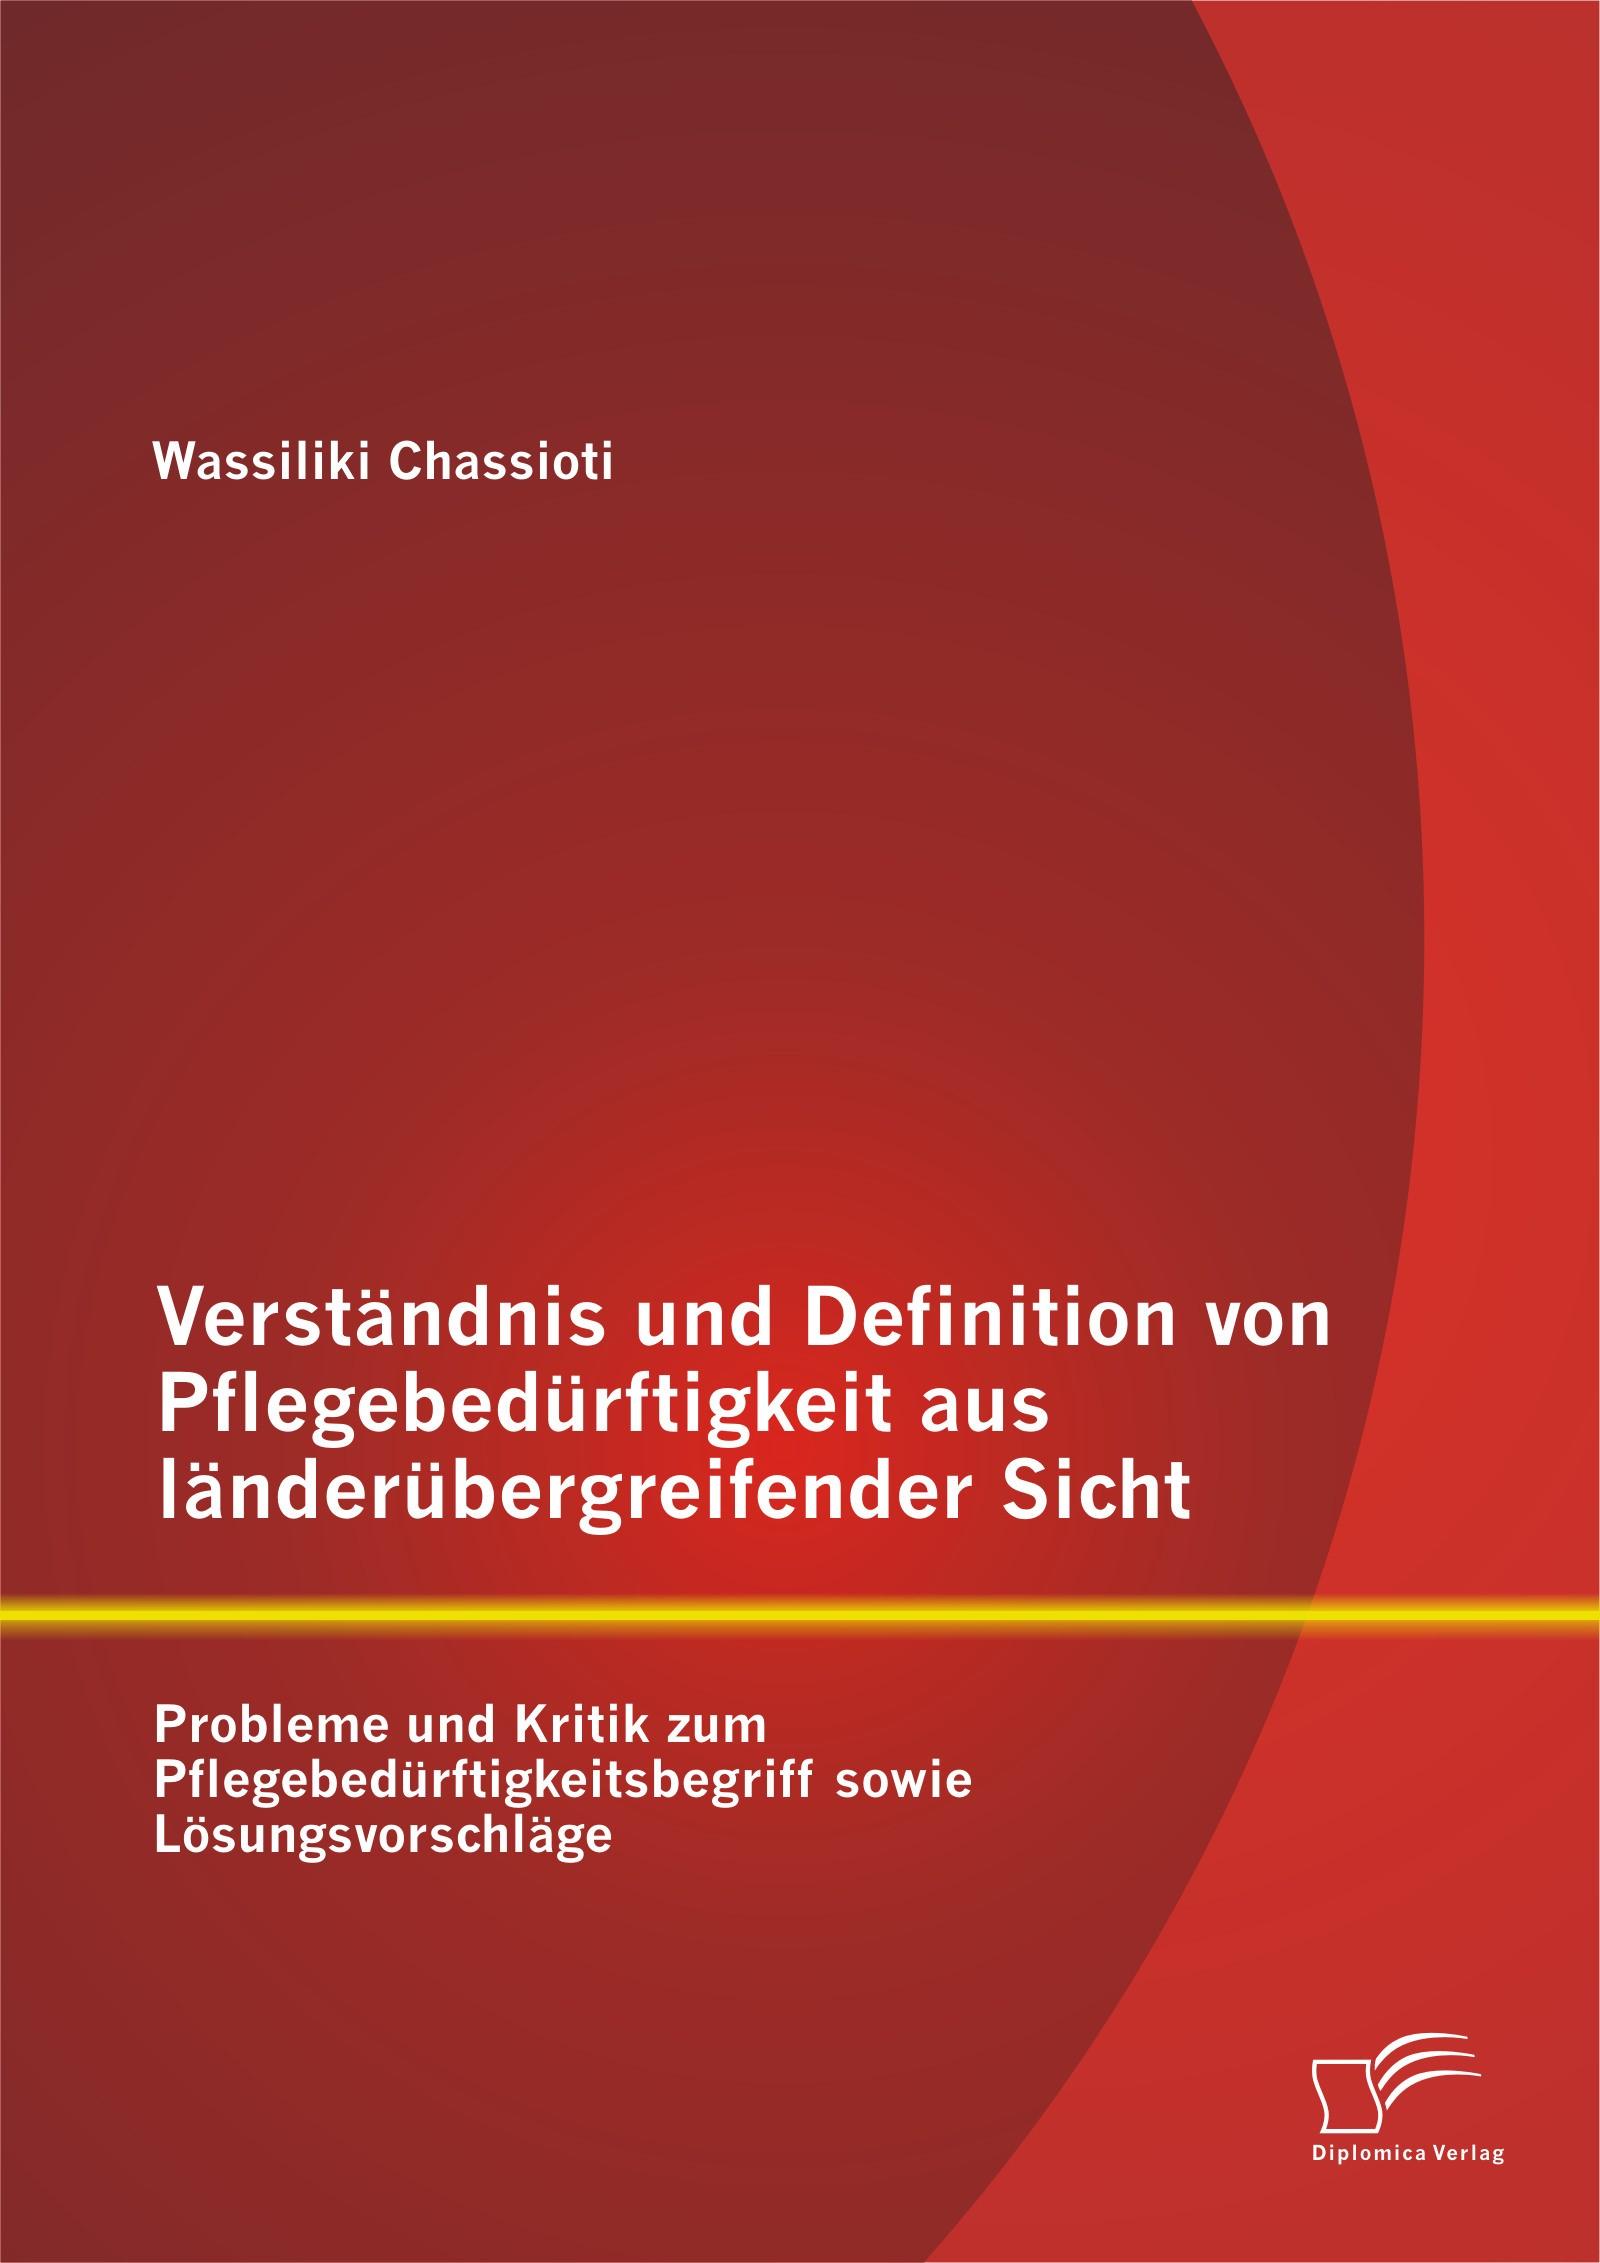 Abbildung von Chassioti | Verständnis und Definition von Pflegebedürftigkeit aus länderübergreifender Sicht: Probleme und Kritik zum Pflegebedürftigkeitsbegriff sowie Lösungsvorschläge | 2014